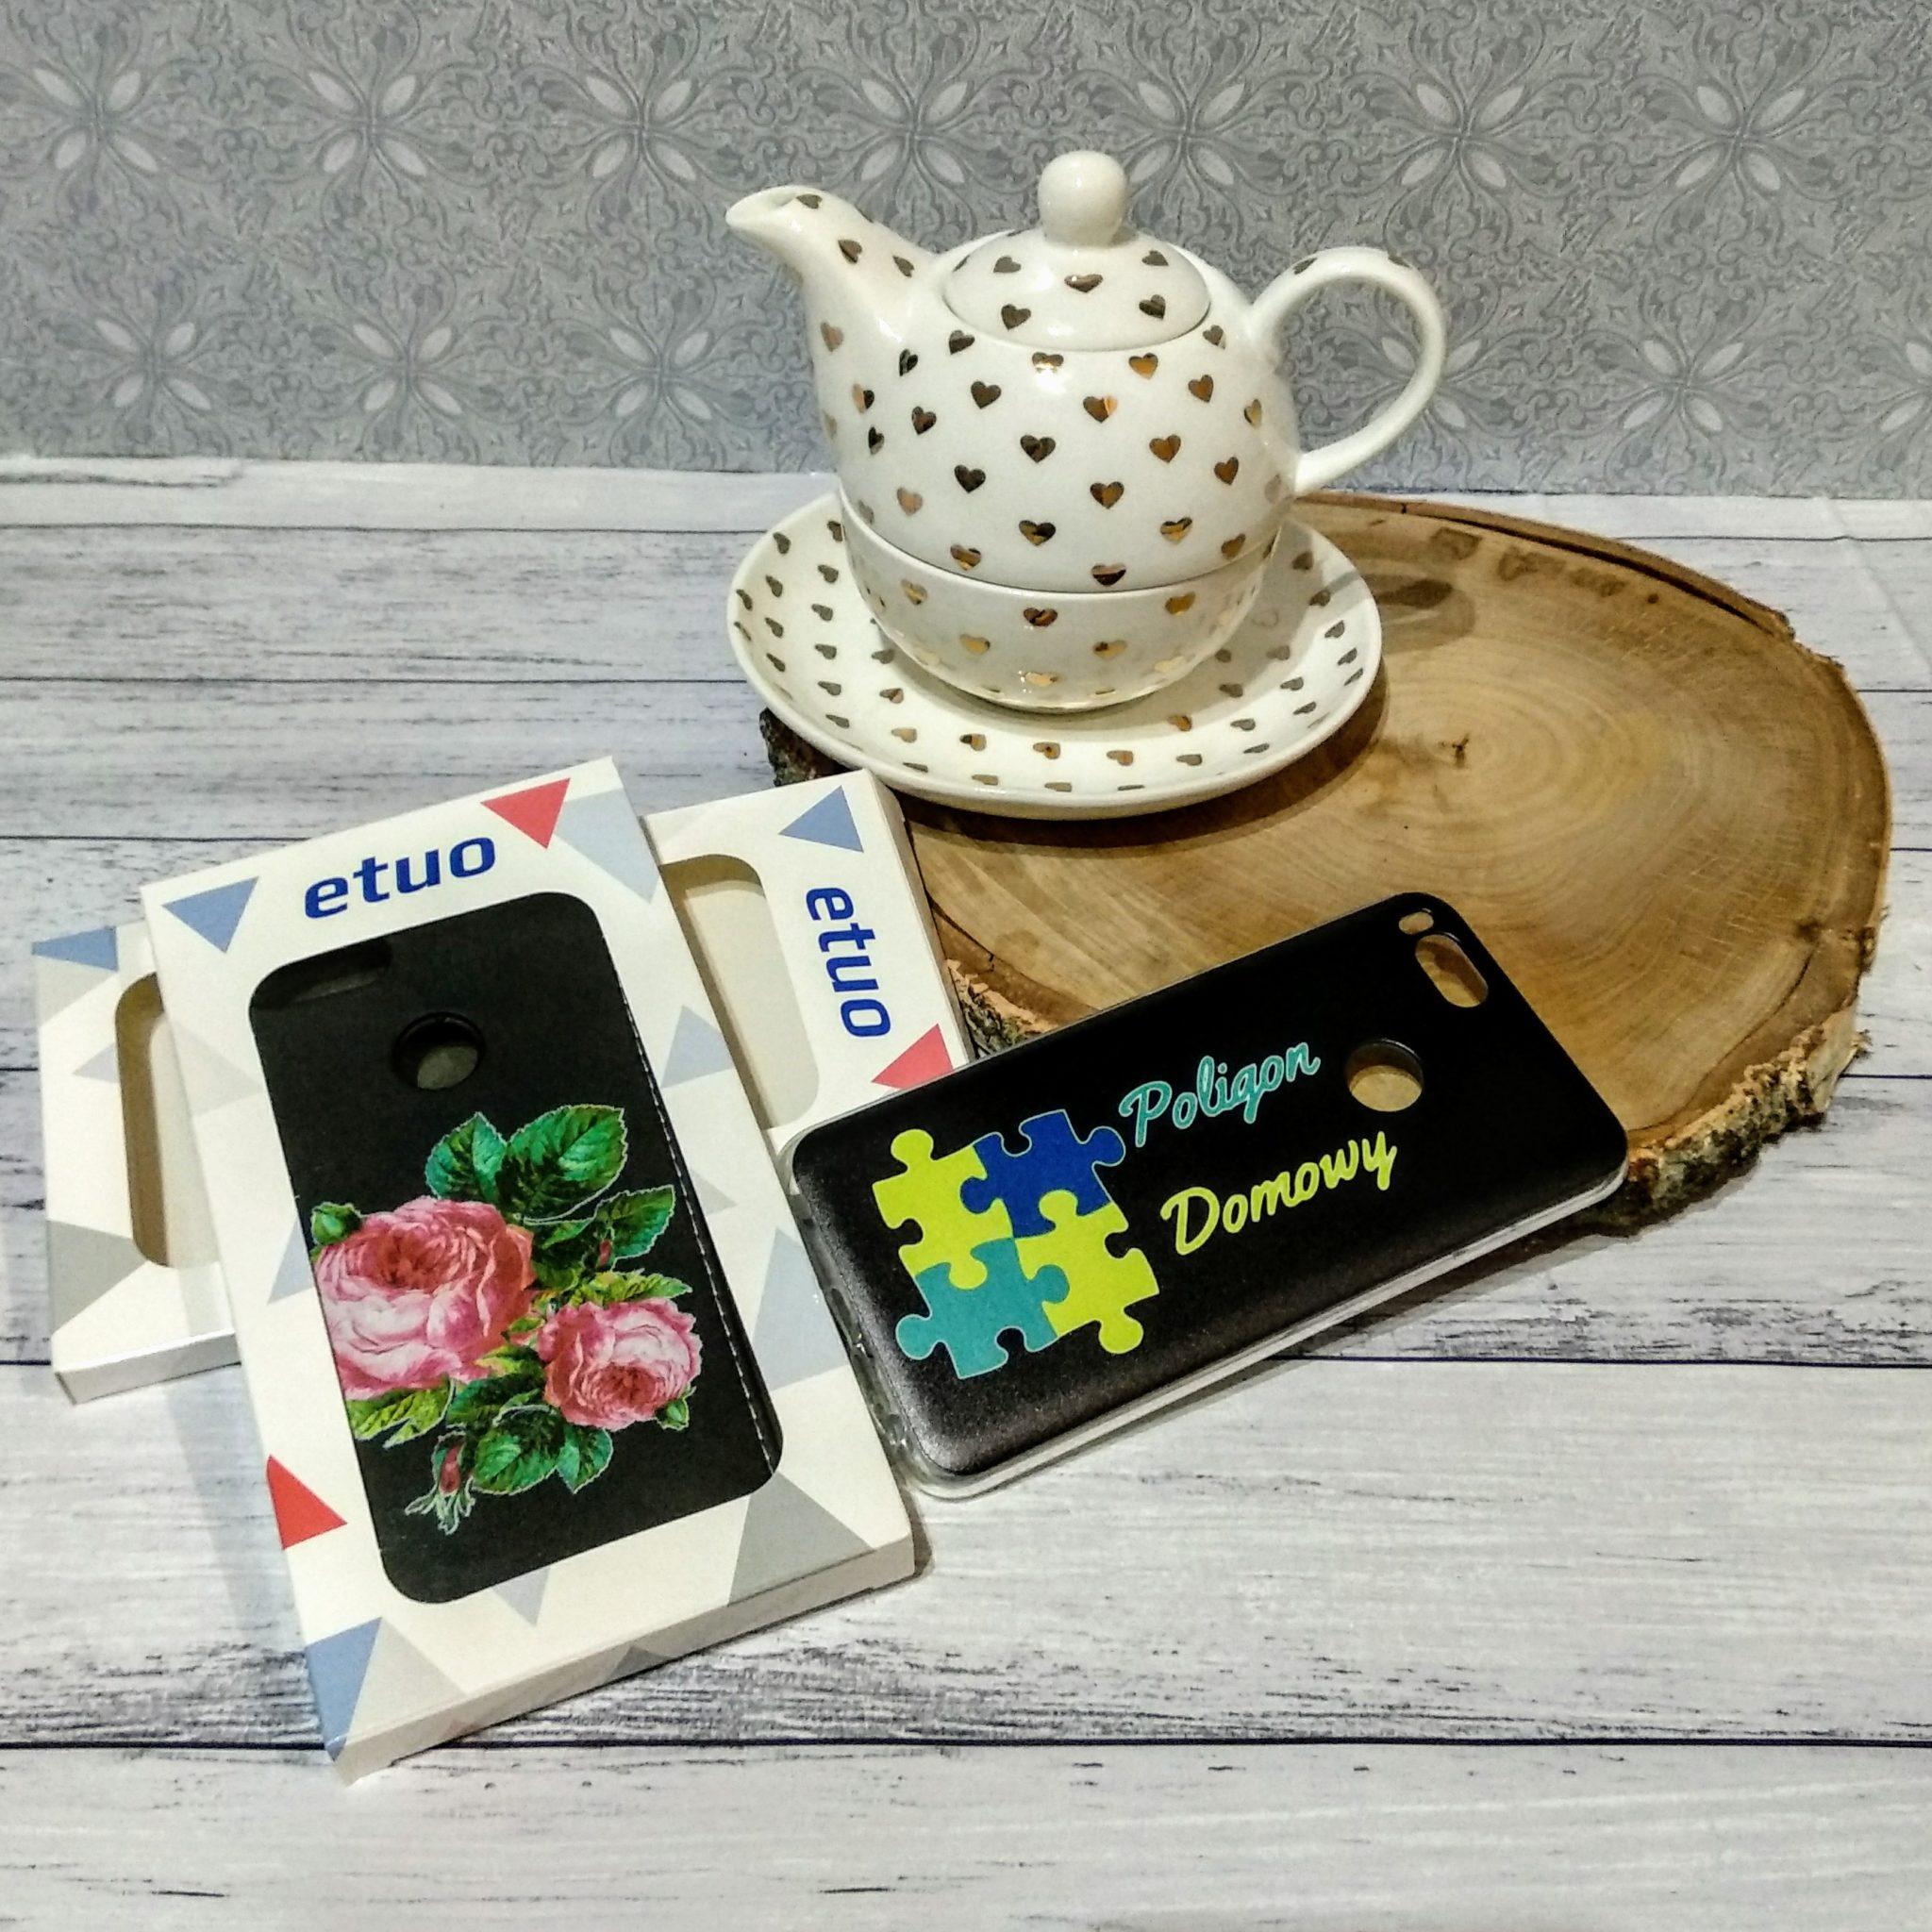 IMG 20180830 2200212 - Etuo, czyli nowe etui na telefon już u mnie!